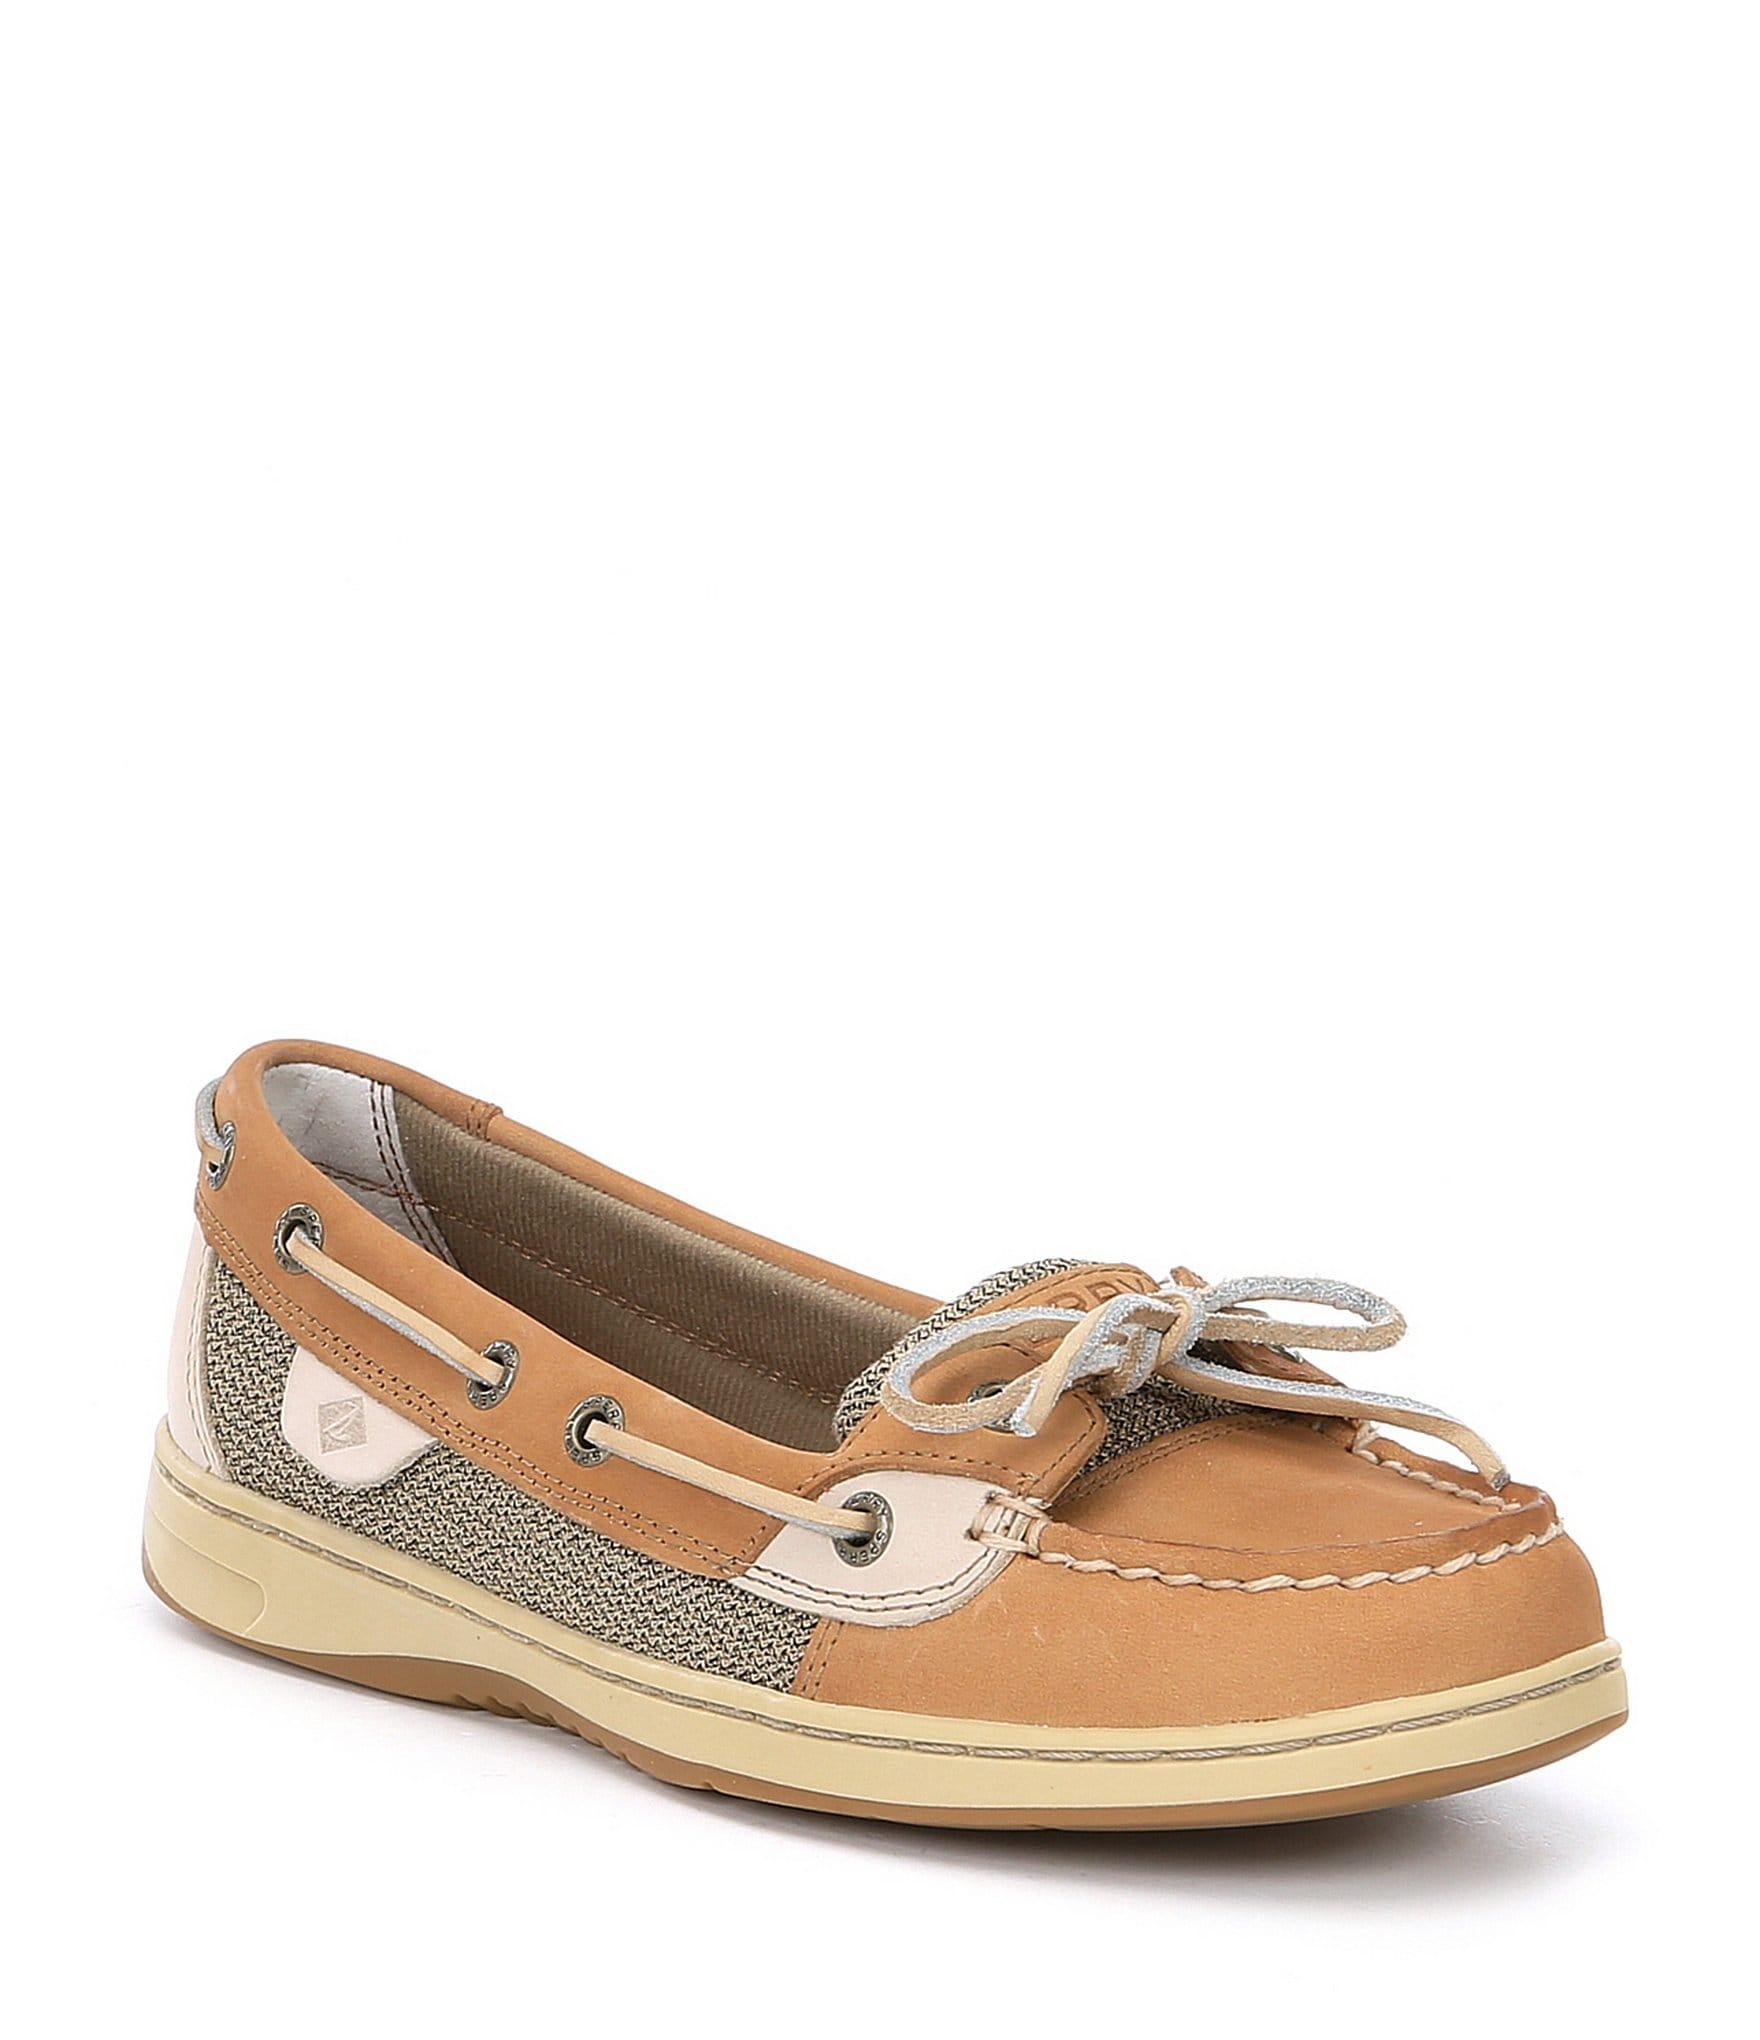 Sperry Women's Wide Width Shoes | Dillard's